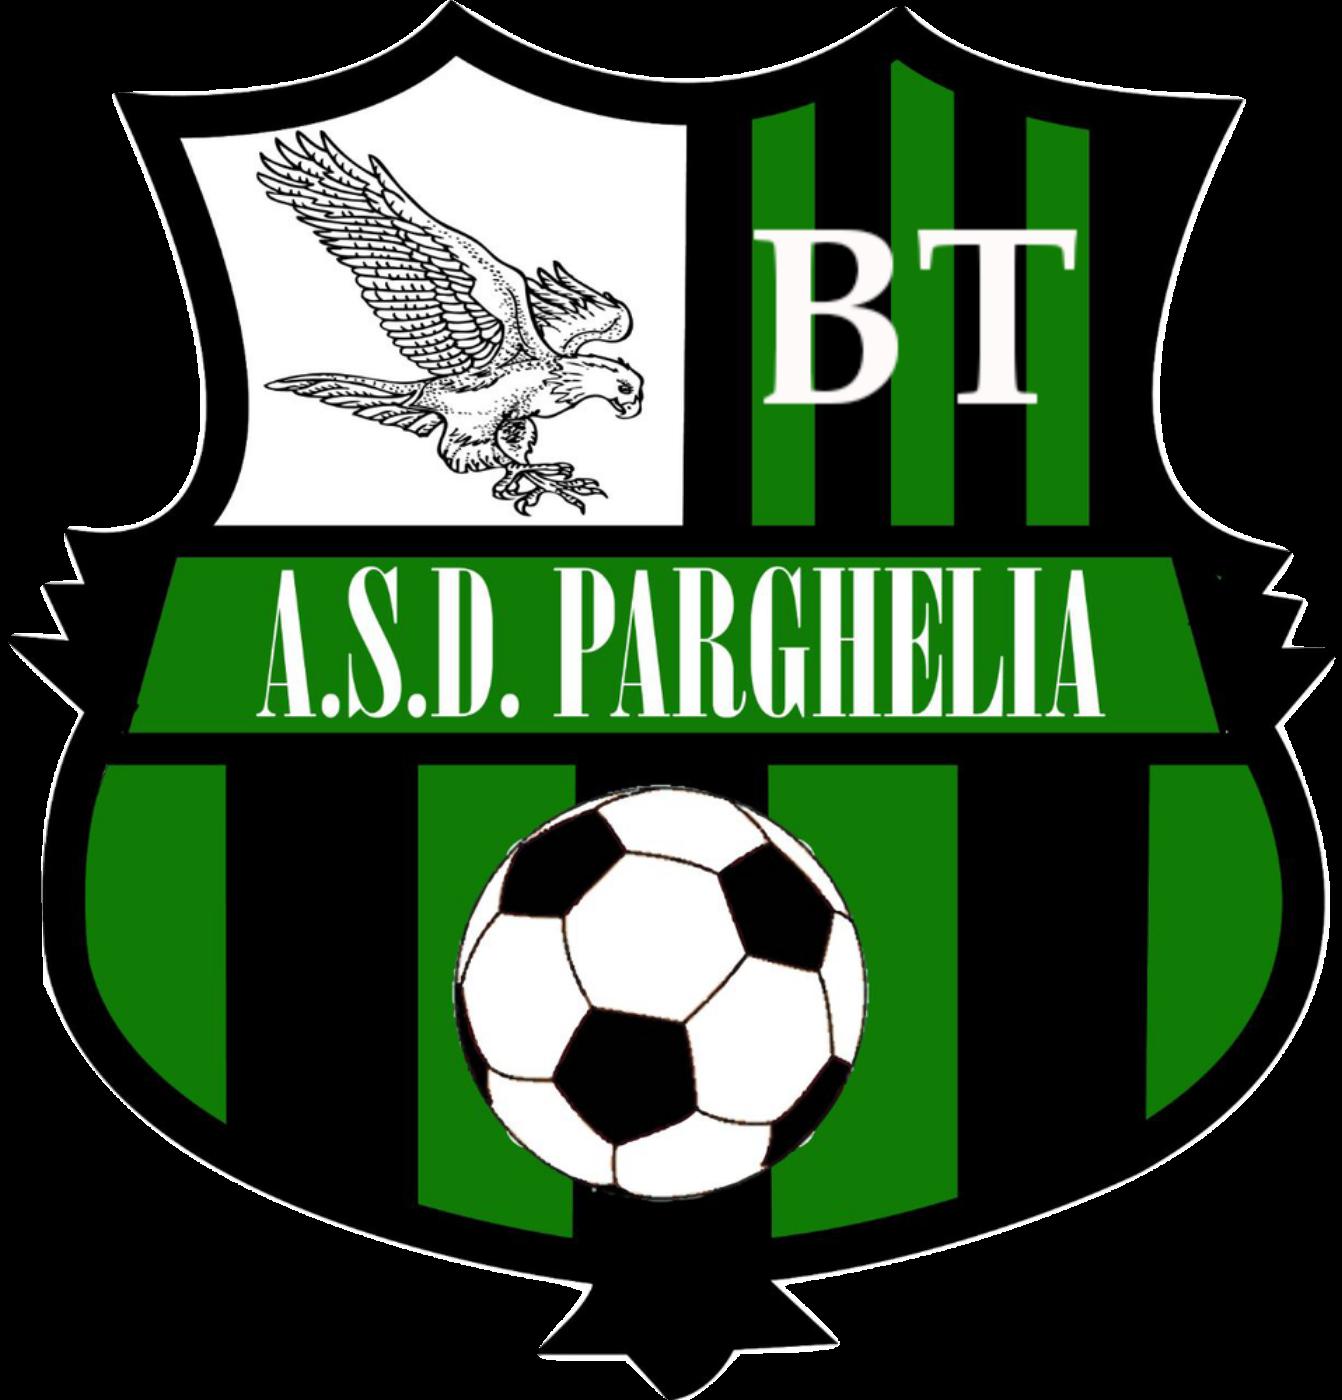 Calendario Juniores Regionali.Parghelia Calcio Calendario Squadra Calabria Juniores